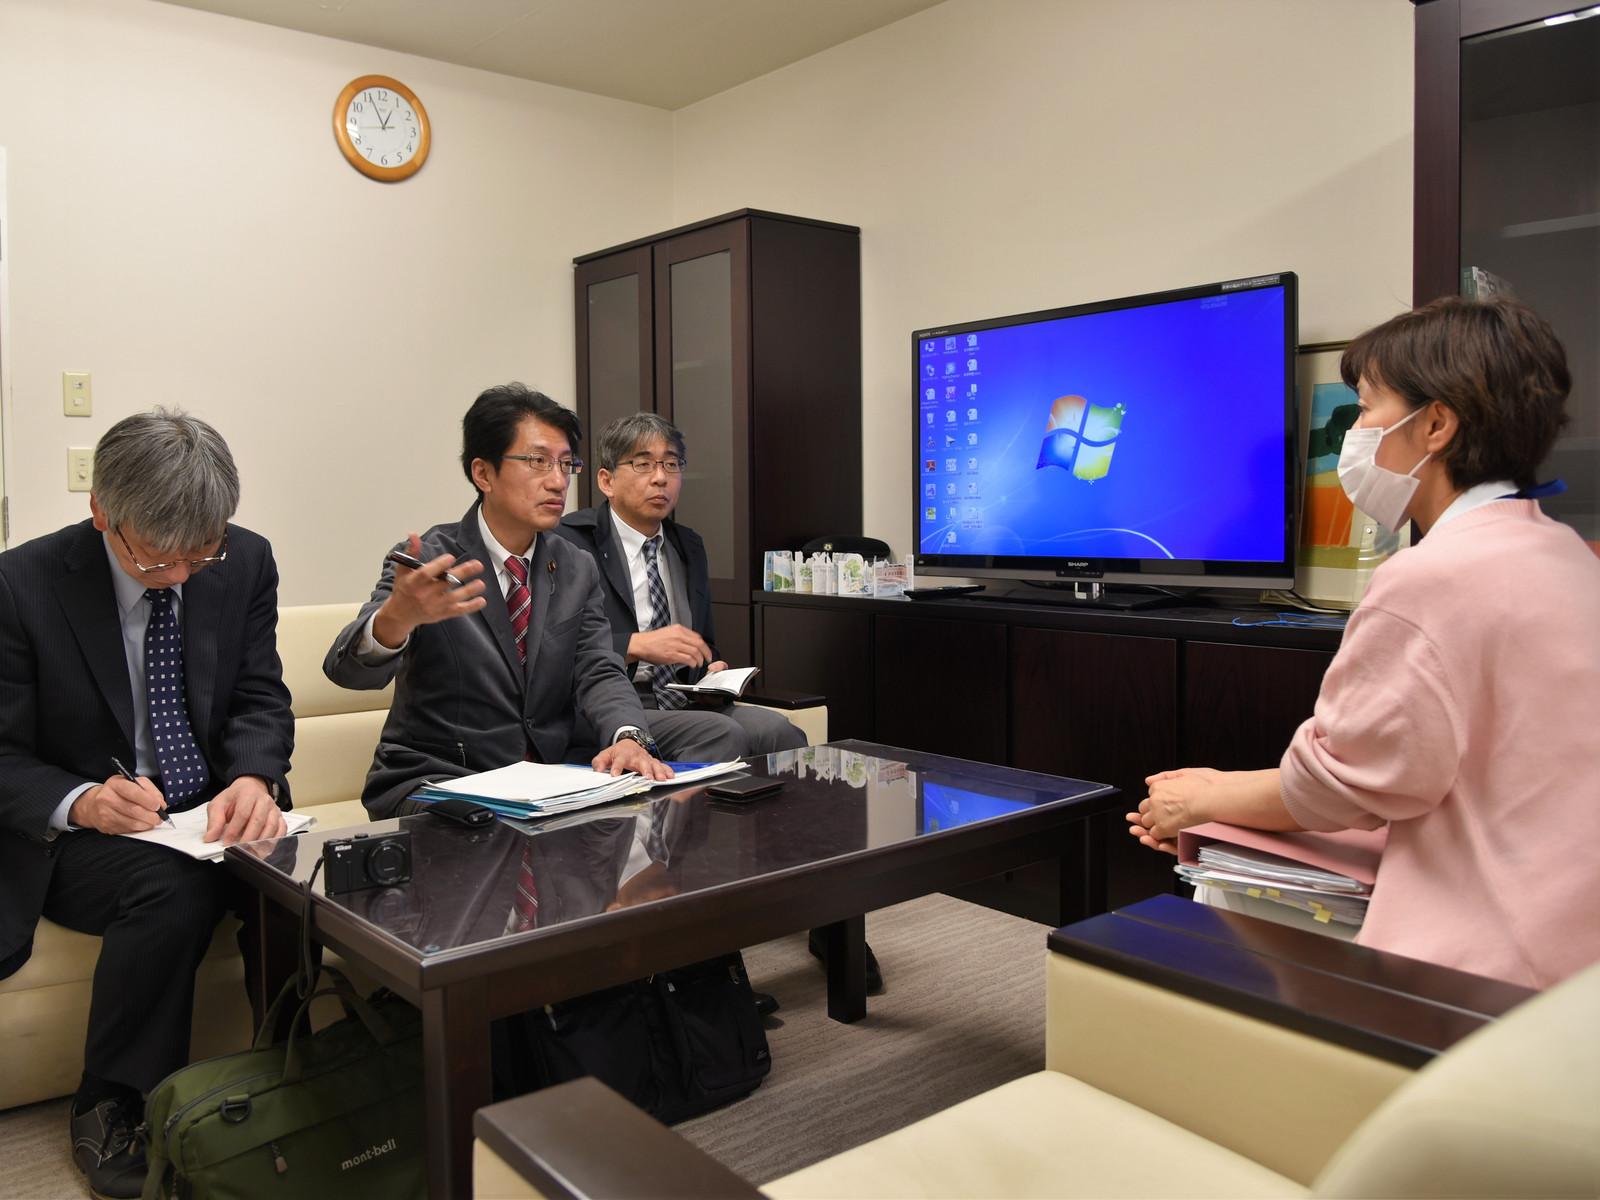 医療関係者から現場の状況などを聞き取る(左2人目から右に)田村、松岡の両氏=1月30日、熊本市